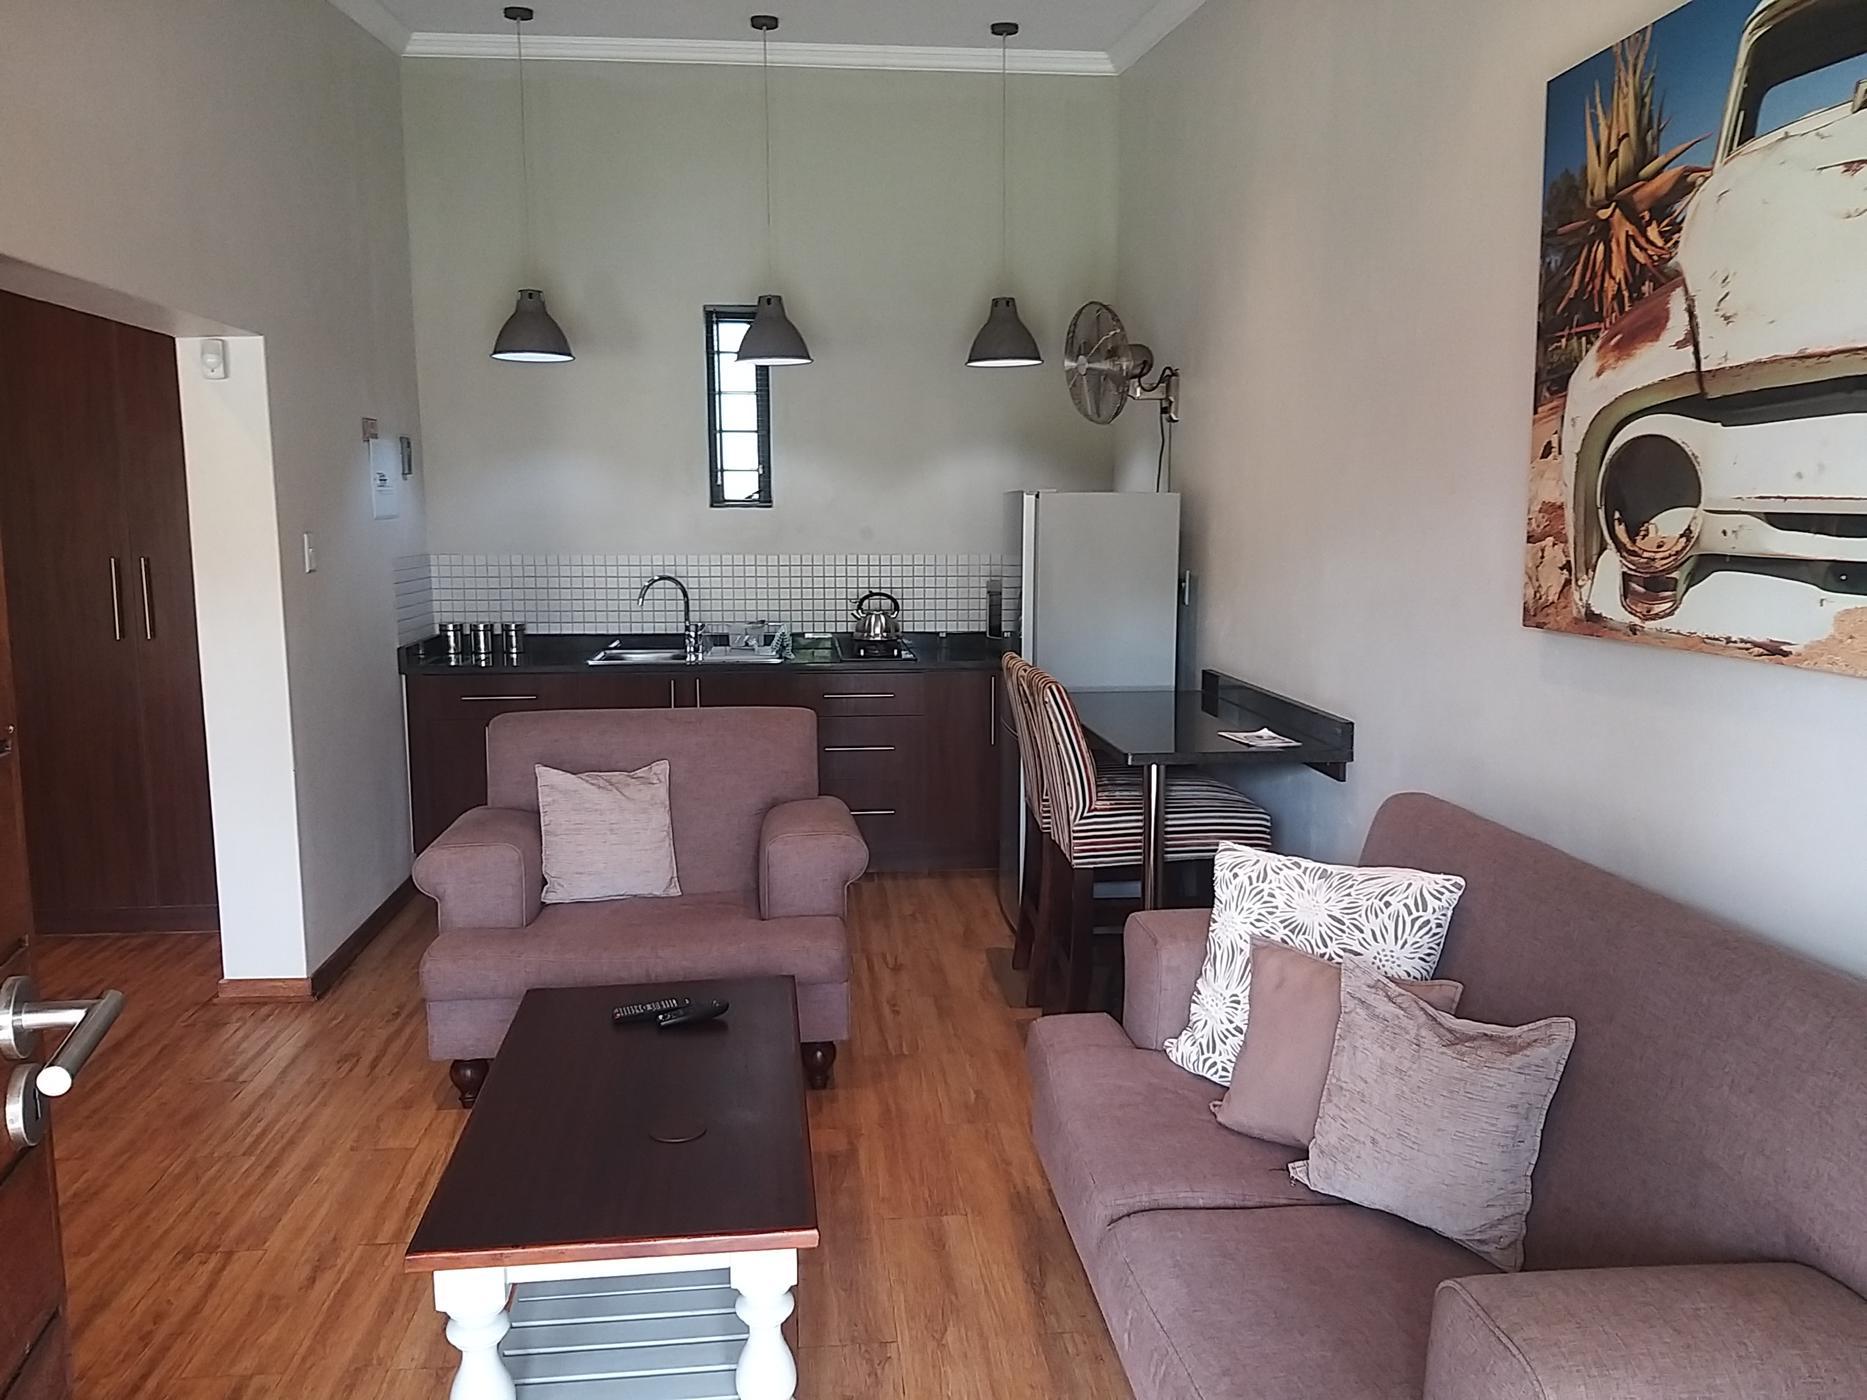 1 bedroom bachelor apartment to rent in Bronkhorstbaai